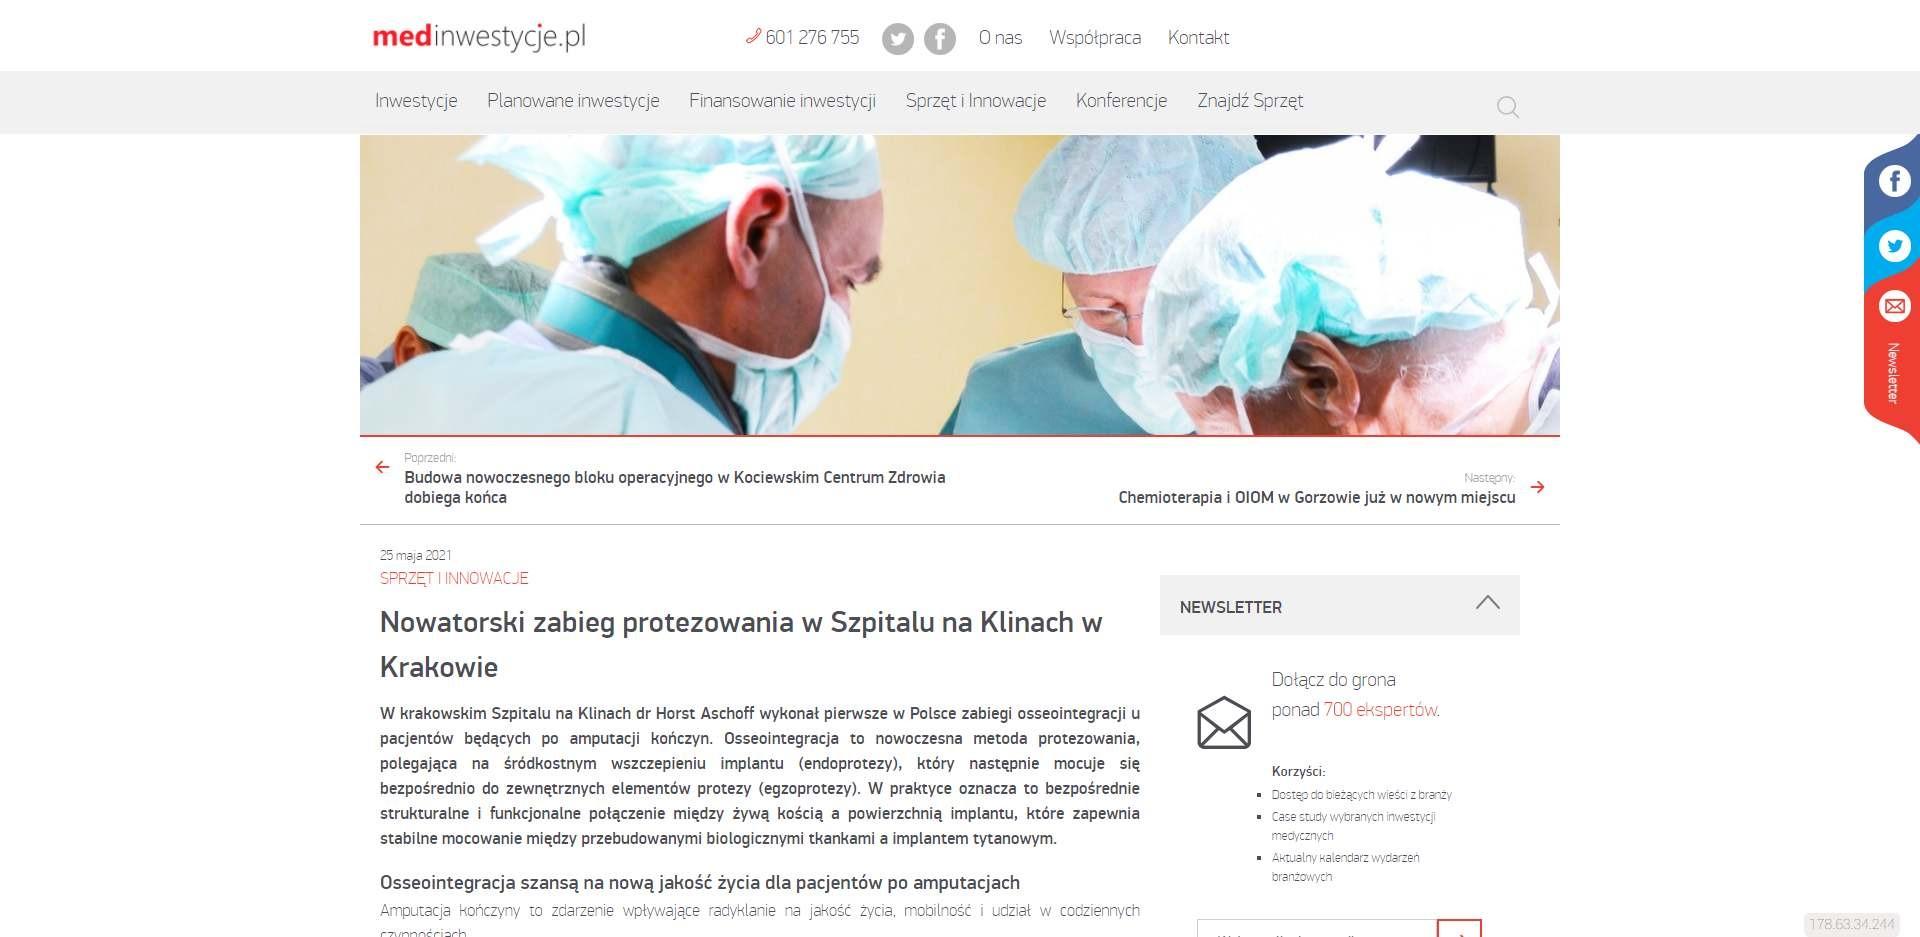 nowatorski zabieg protezowania w szpitalu na klinach w krakowie